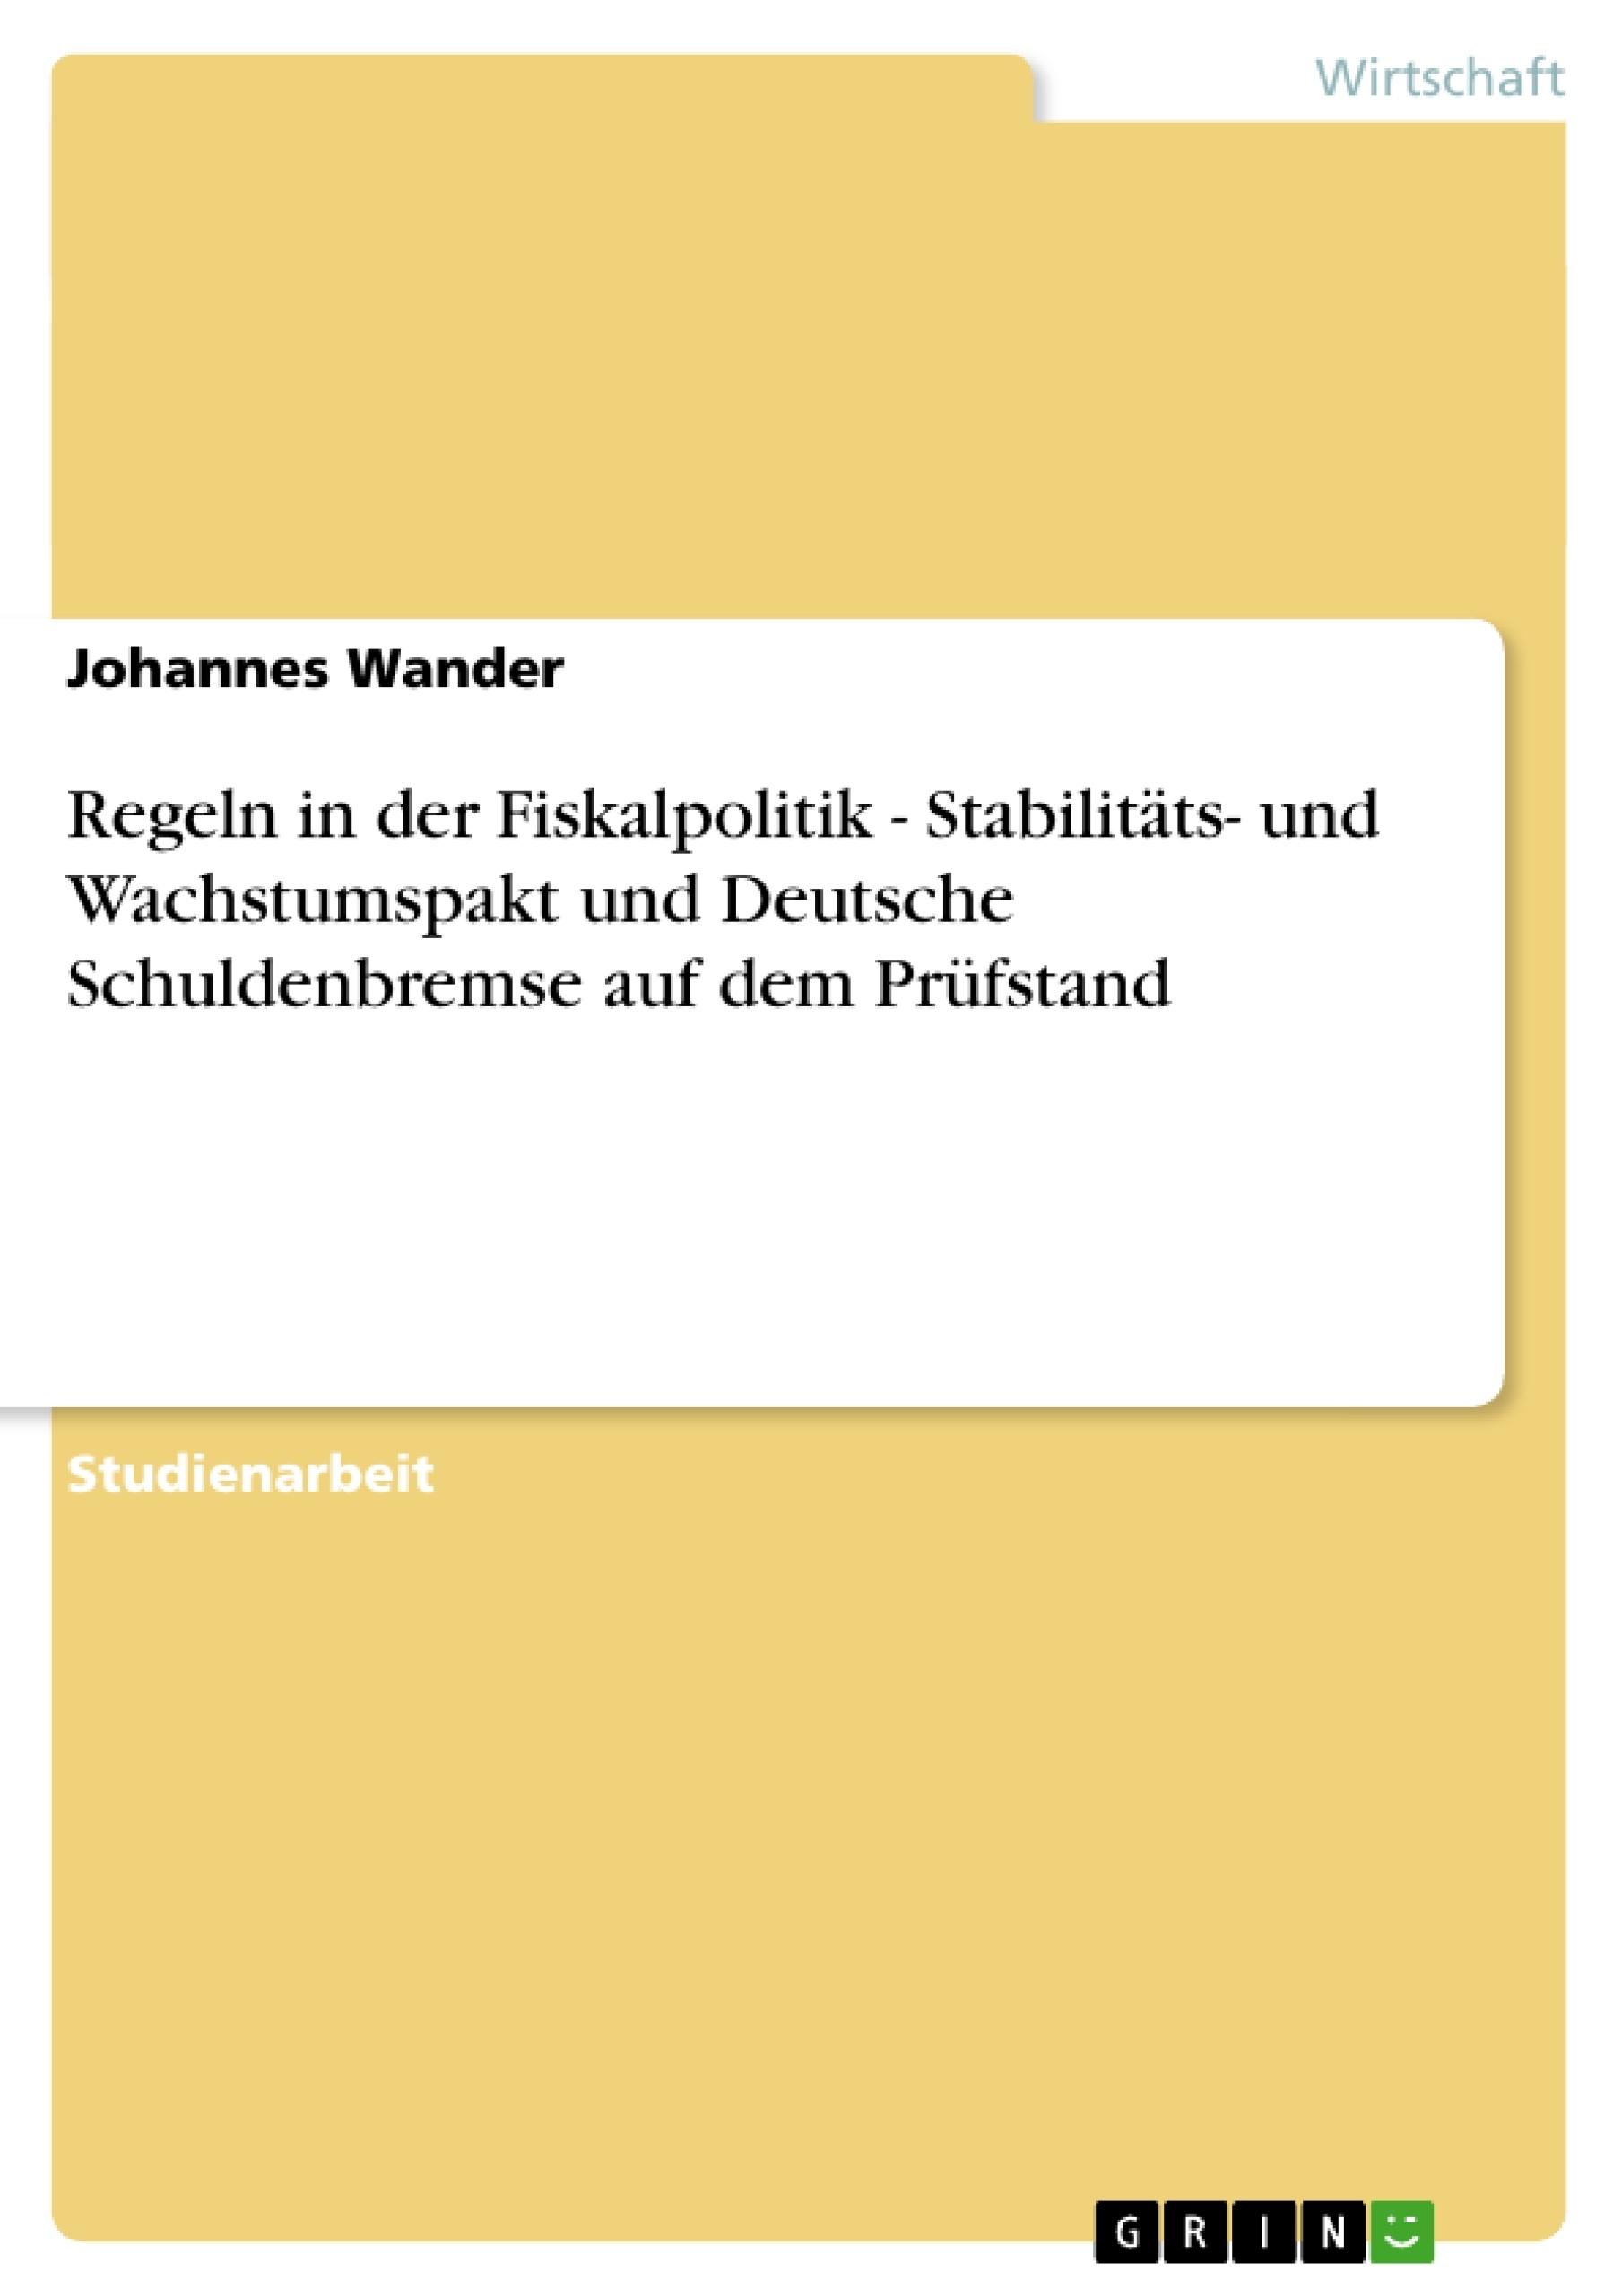 Titel: Regeln in der Fiskalpolitik - Stabilitäts- und Wachstumspakt und Deutsche Schuldenbremse auf dem Prüfstand